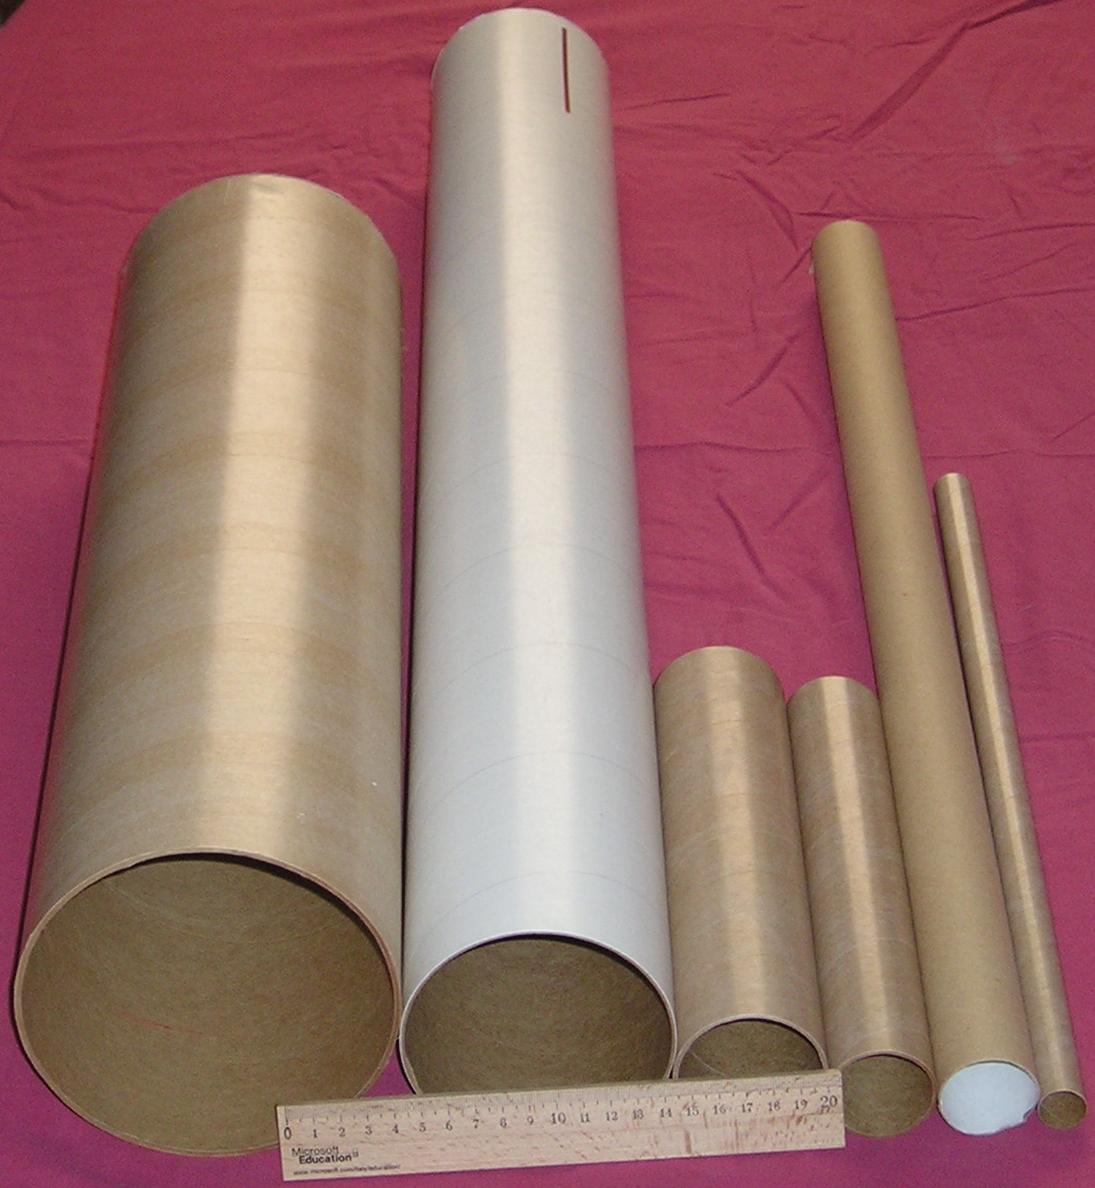 Forum cerco una cappa per isola sui 300 for Tipi di tubi idraulici in plastica